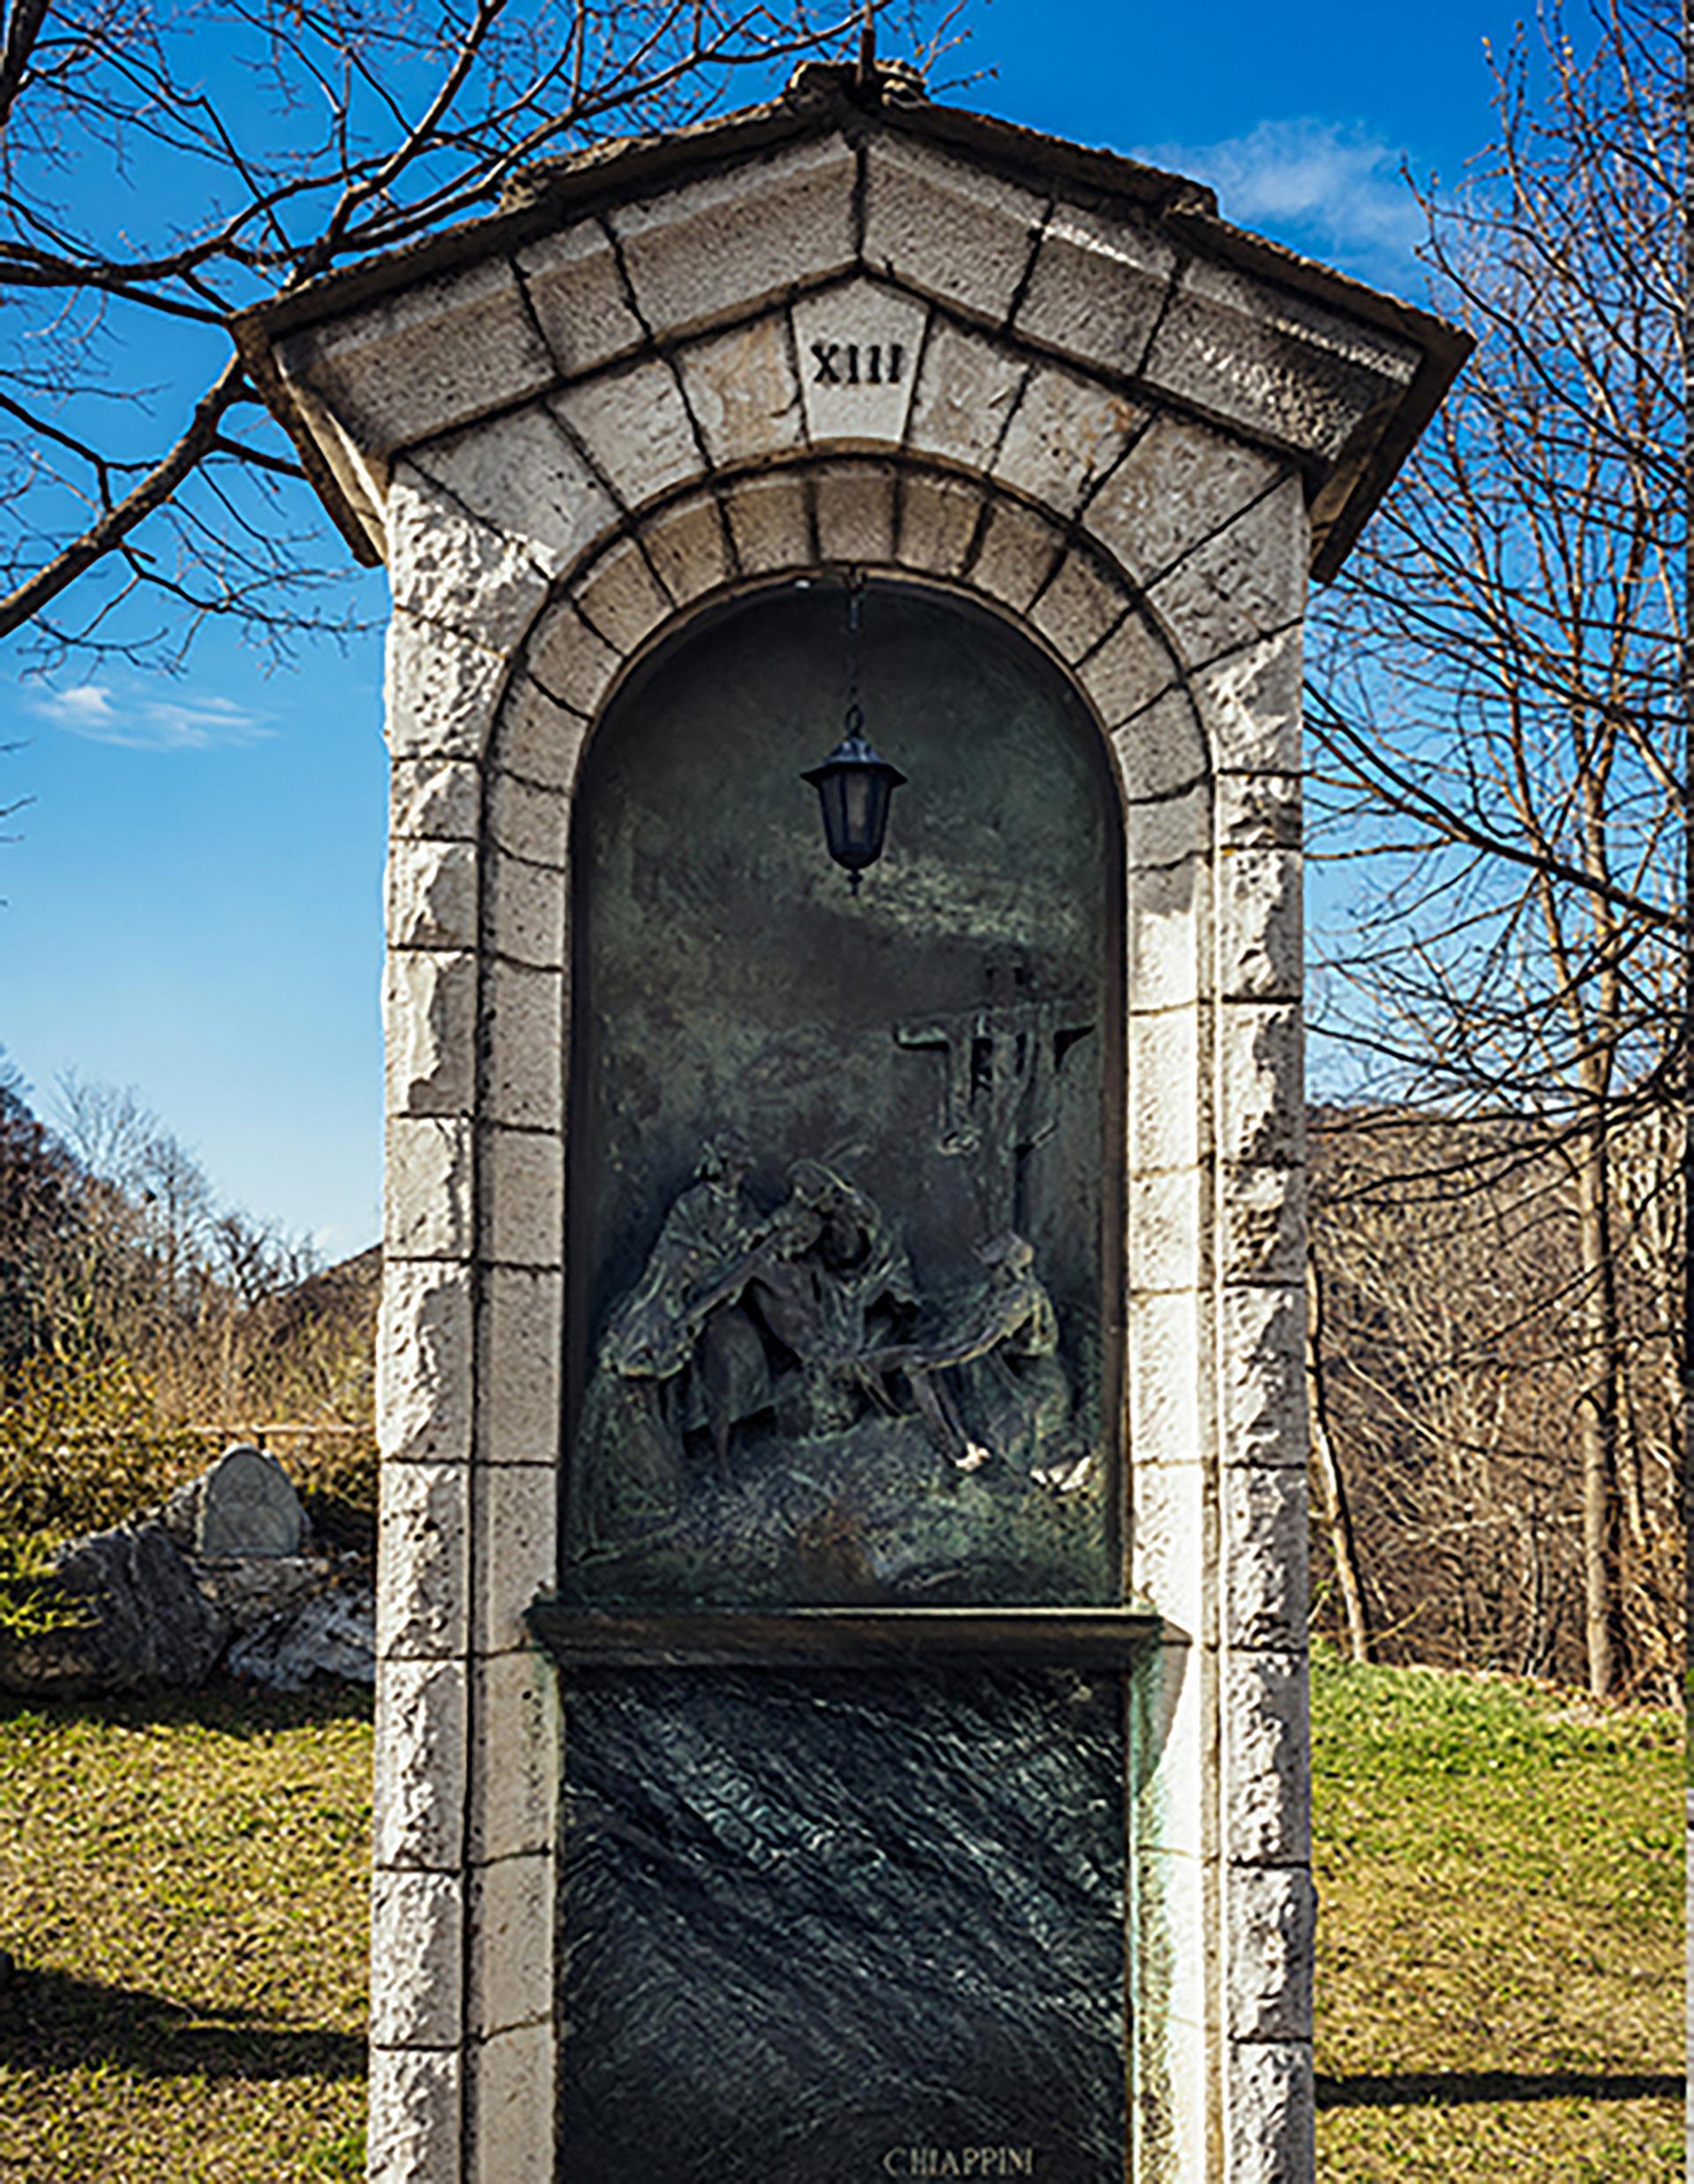 Las 14 estaciones del Vía Crucis del escultor Michele Vedani se venden con un descuento del 15% por 600.000 euros. Comenzó a construirse en 1940 y la obra, en bronce,concluyó en 1968